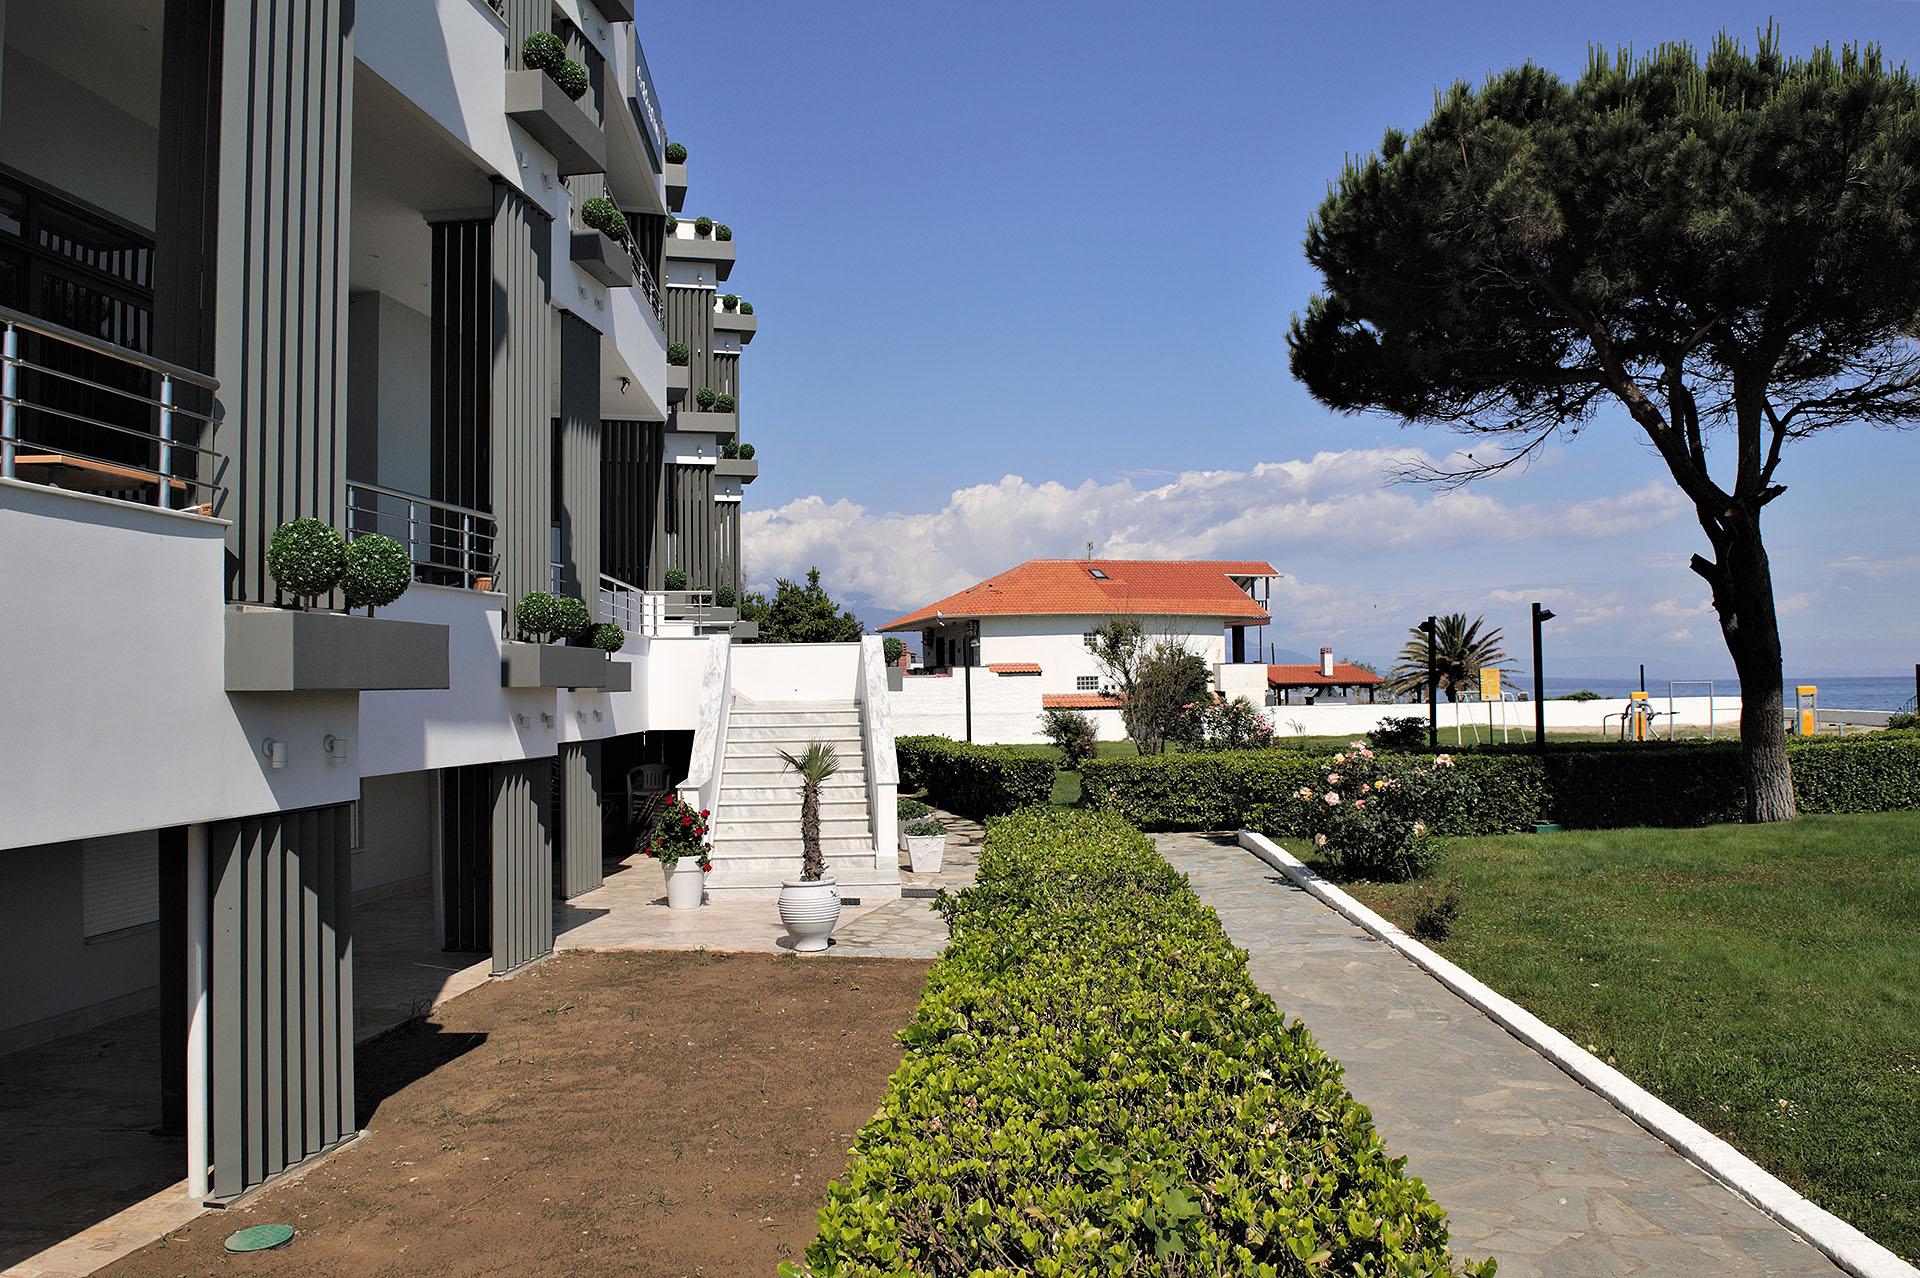 golden sun hotel outdoors